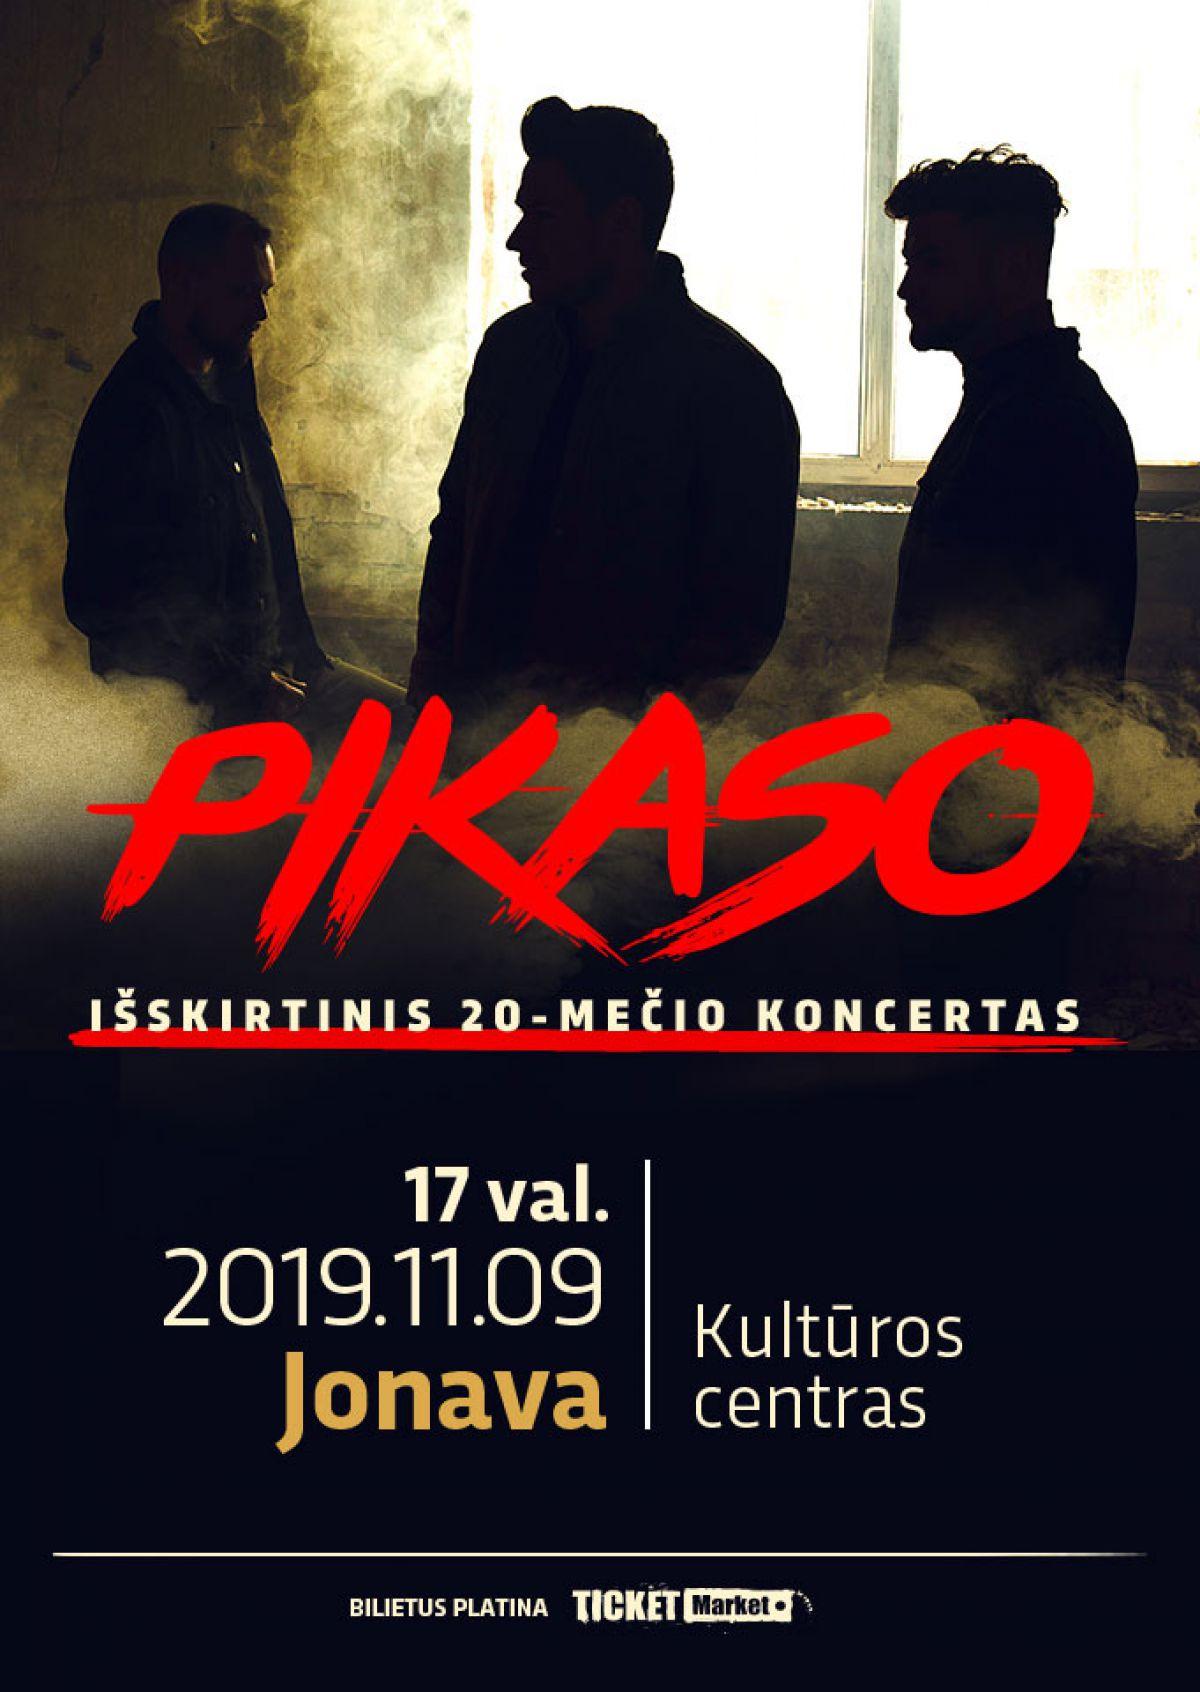 Išskirtinis Pikaso 20-mečio koncertas